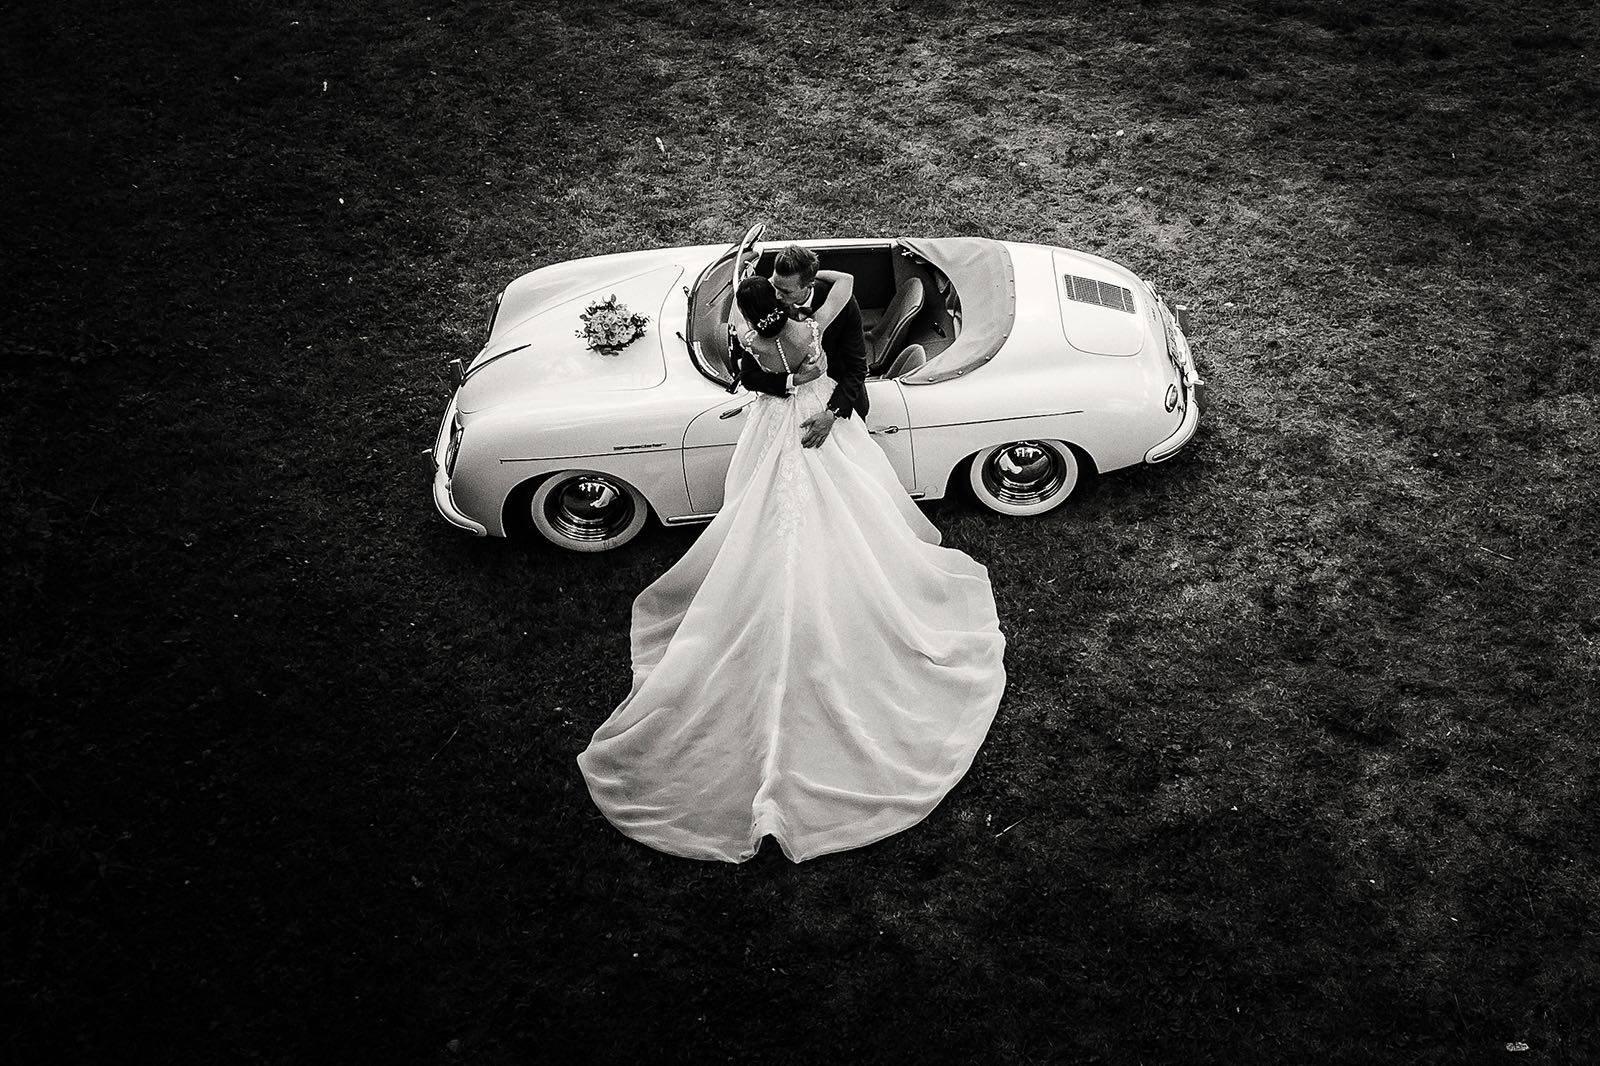 Wondermooi - Trouwfotograaf - Huwelijksfotograaf - Fotograaf - House of Weddings - 16